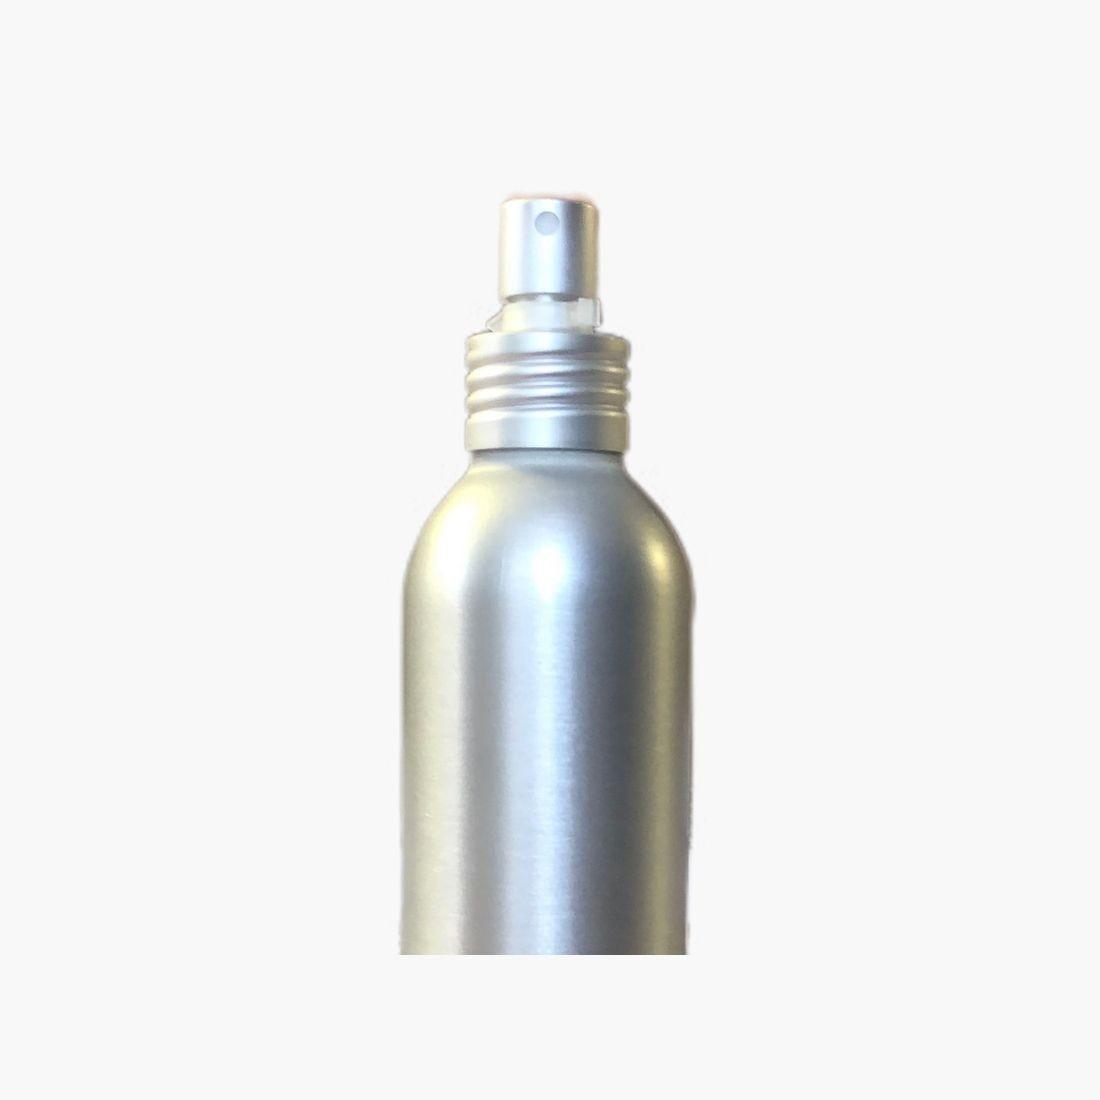 Pompe spray en aluminium DIN24 1